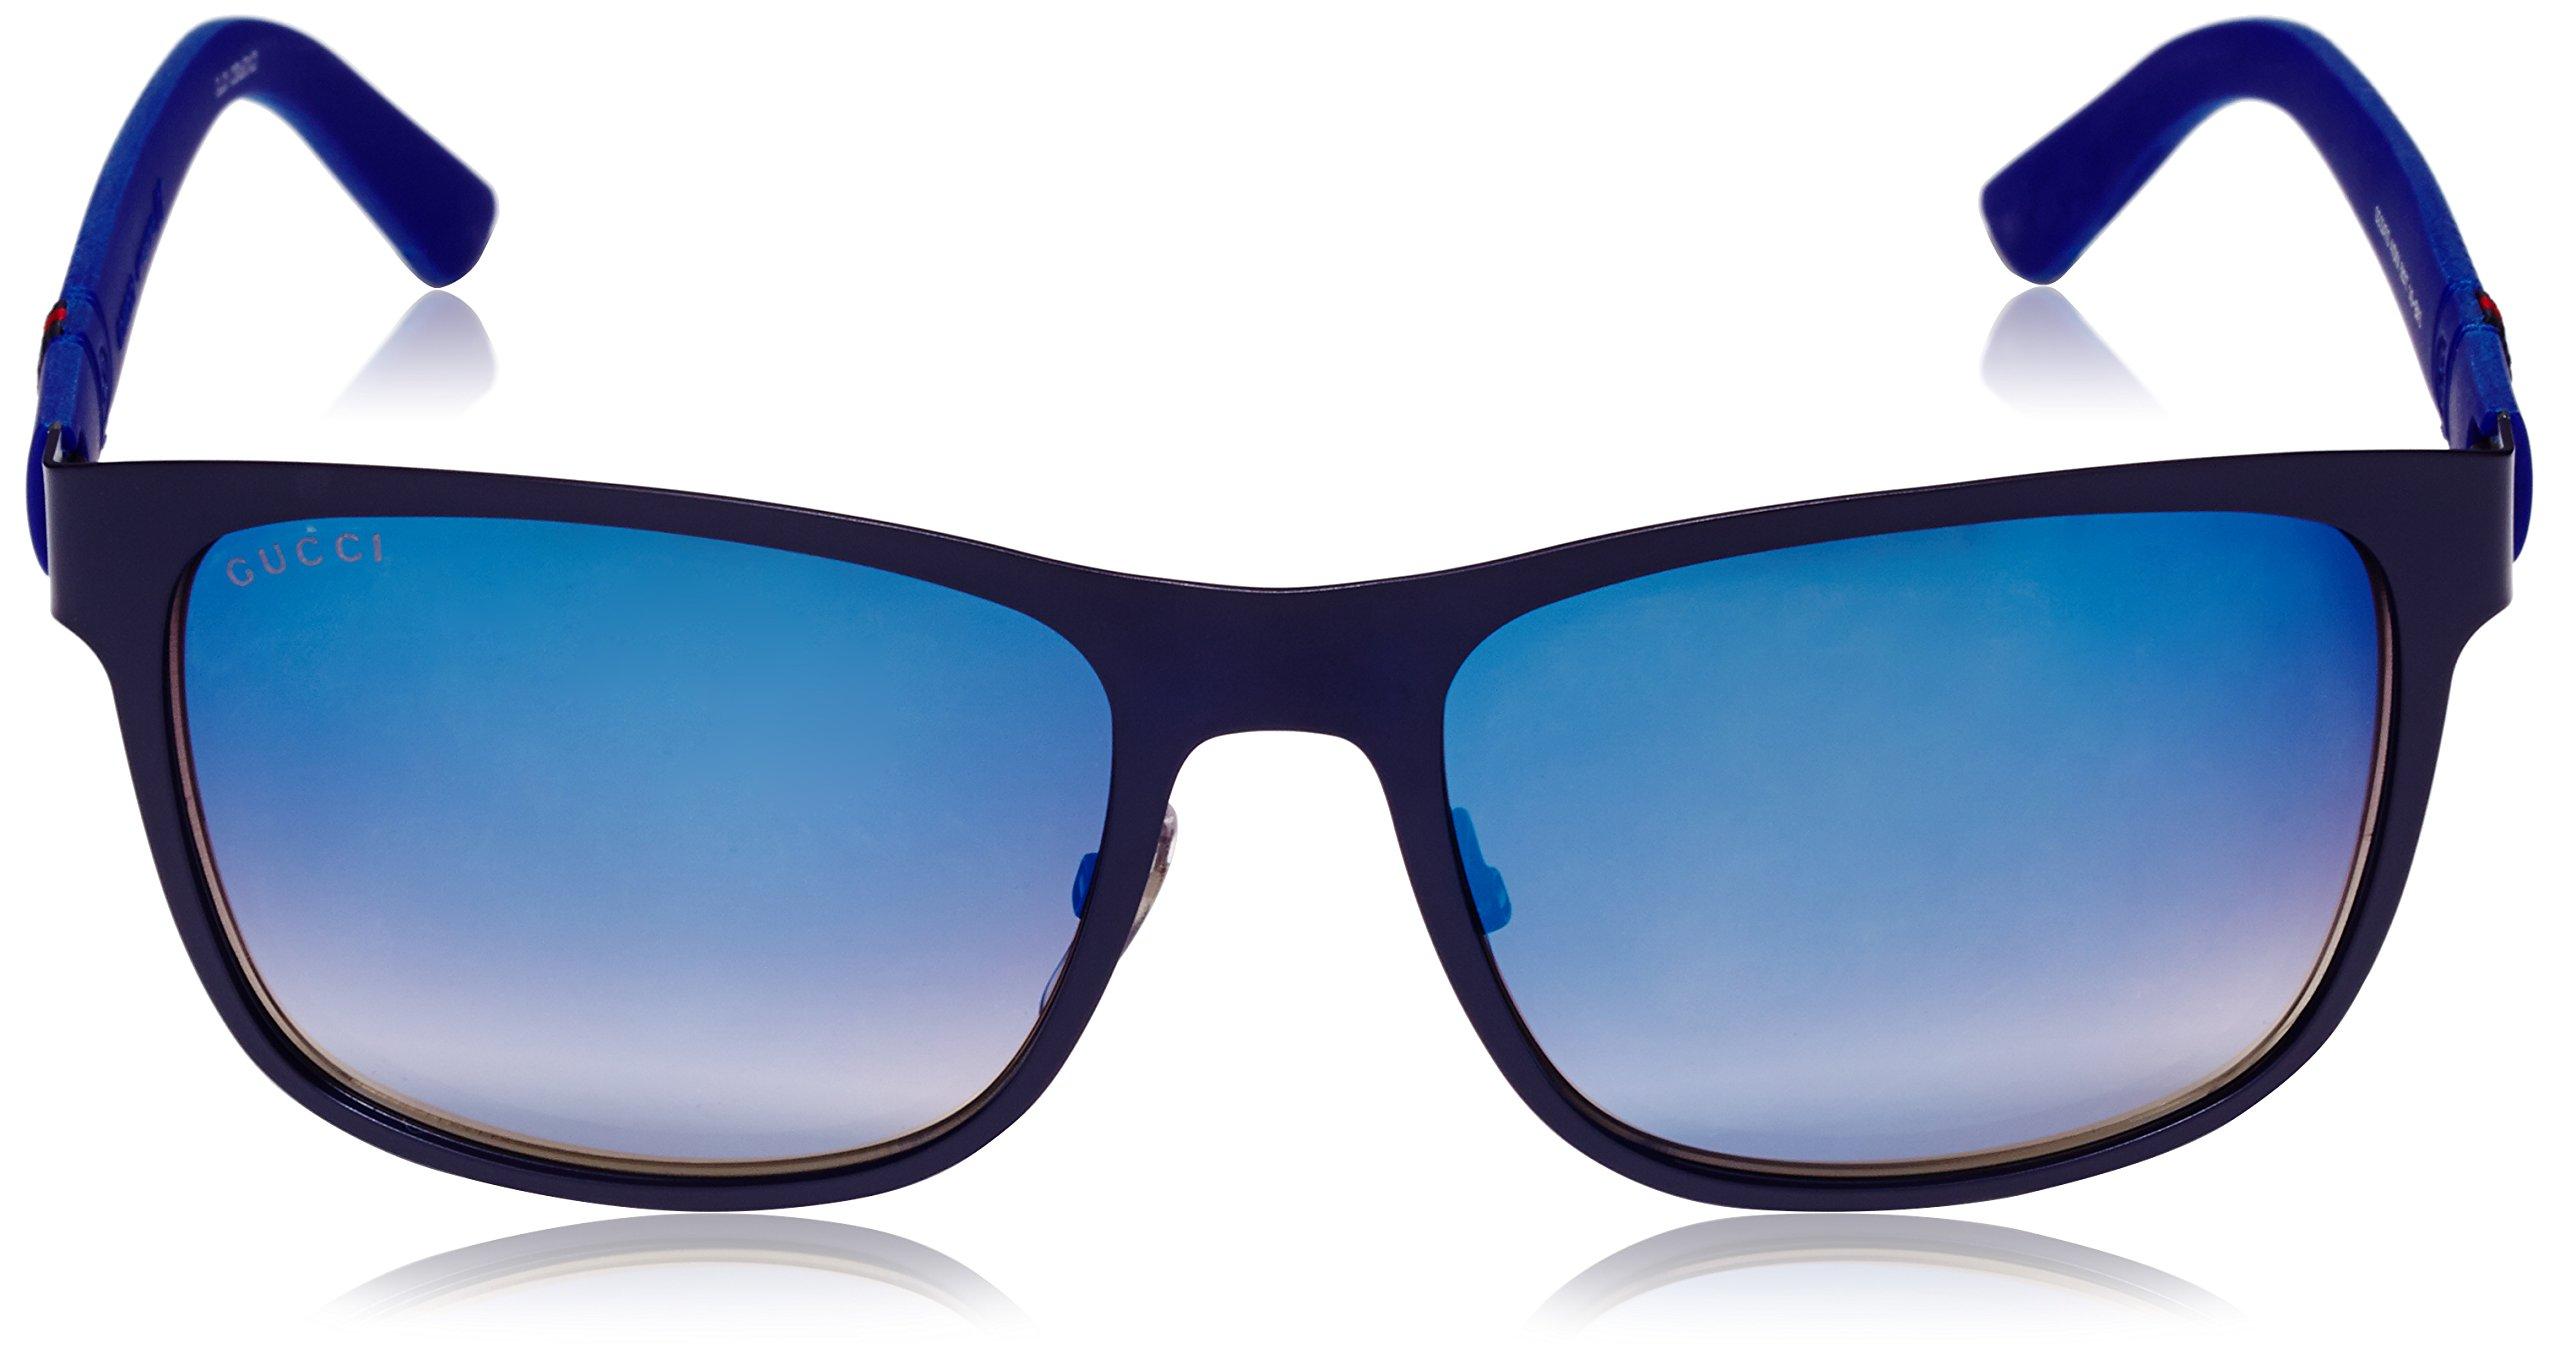 Gucci Men's Square Sunglasses, Matte Blue/Grey Multi, One Size by Gucci (Image #2)